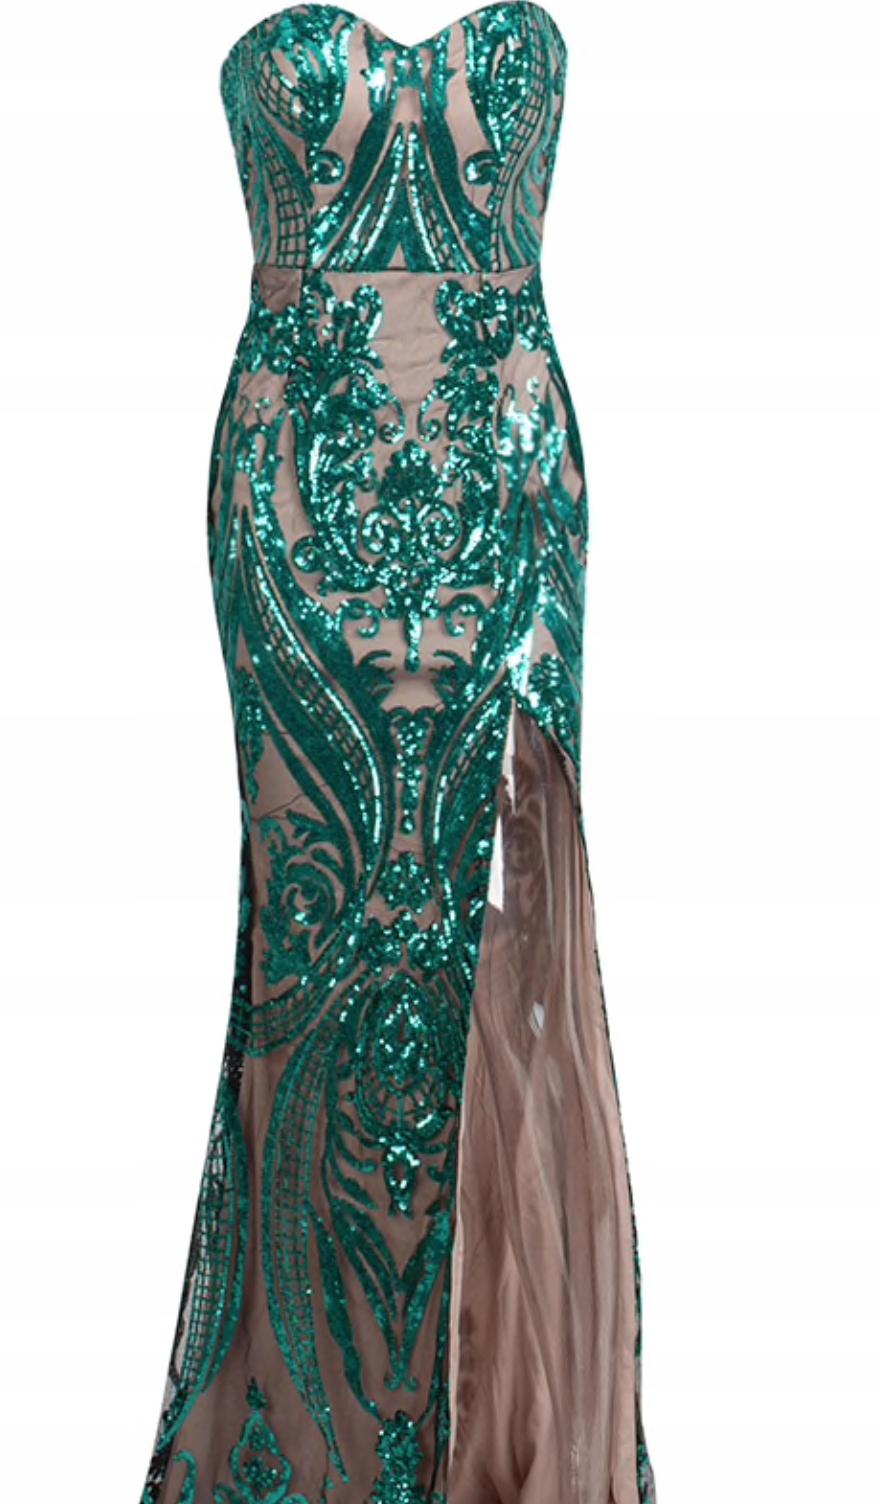 08b968467c sukienka maxi cekiny ornamenty rozcięcie długa xs - 7599848084 ...